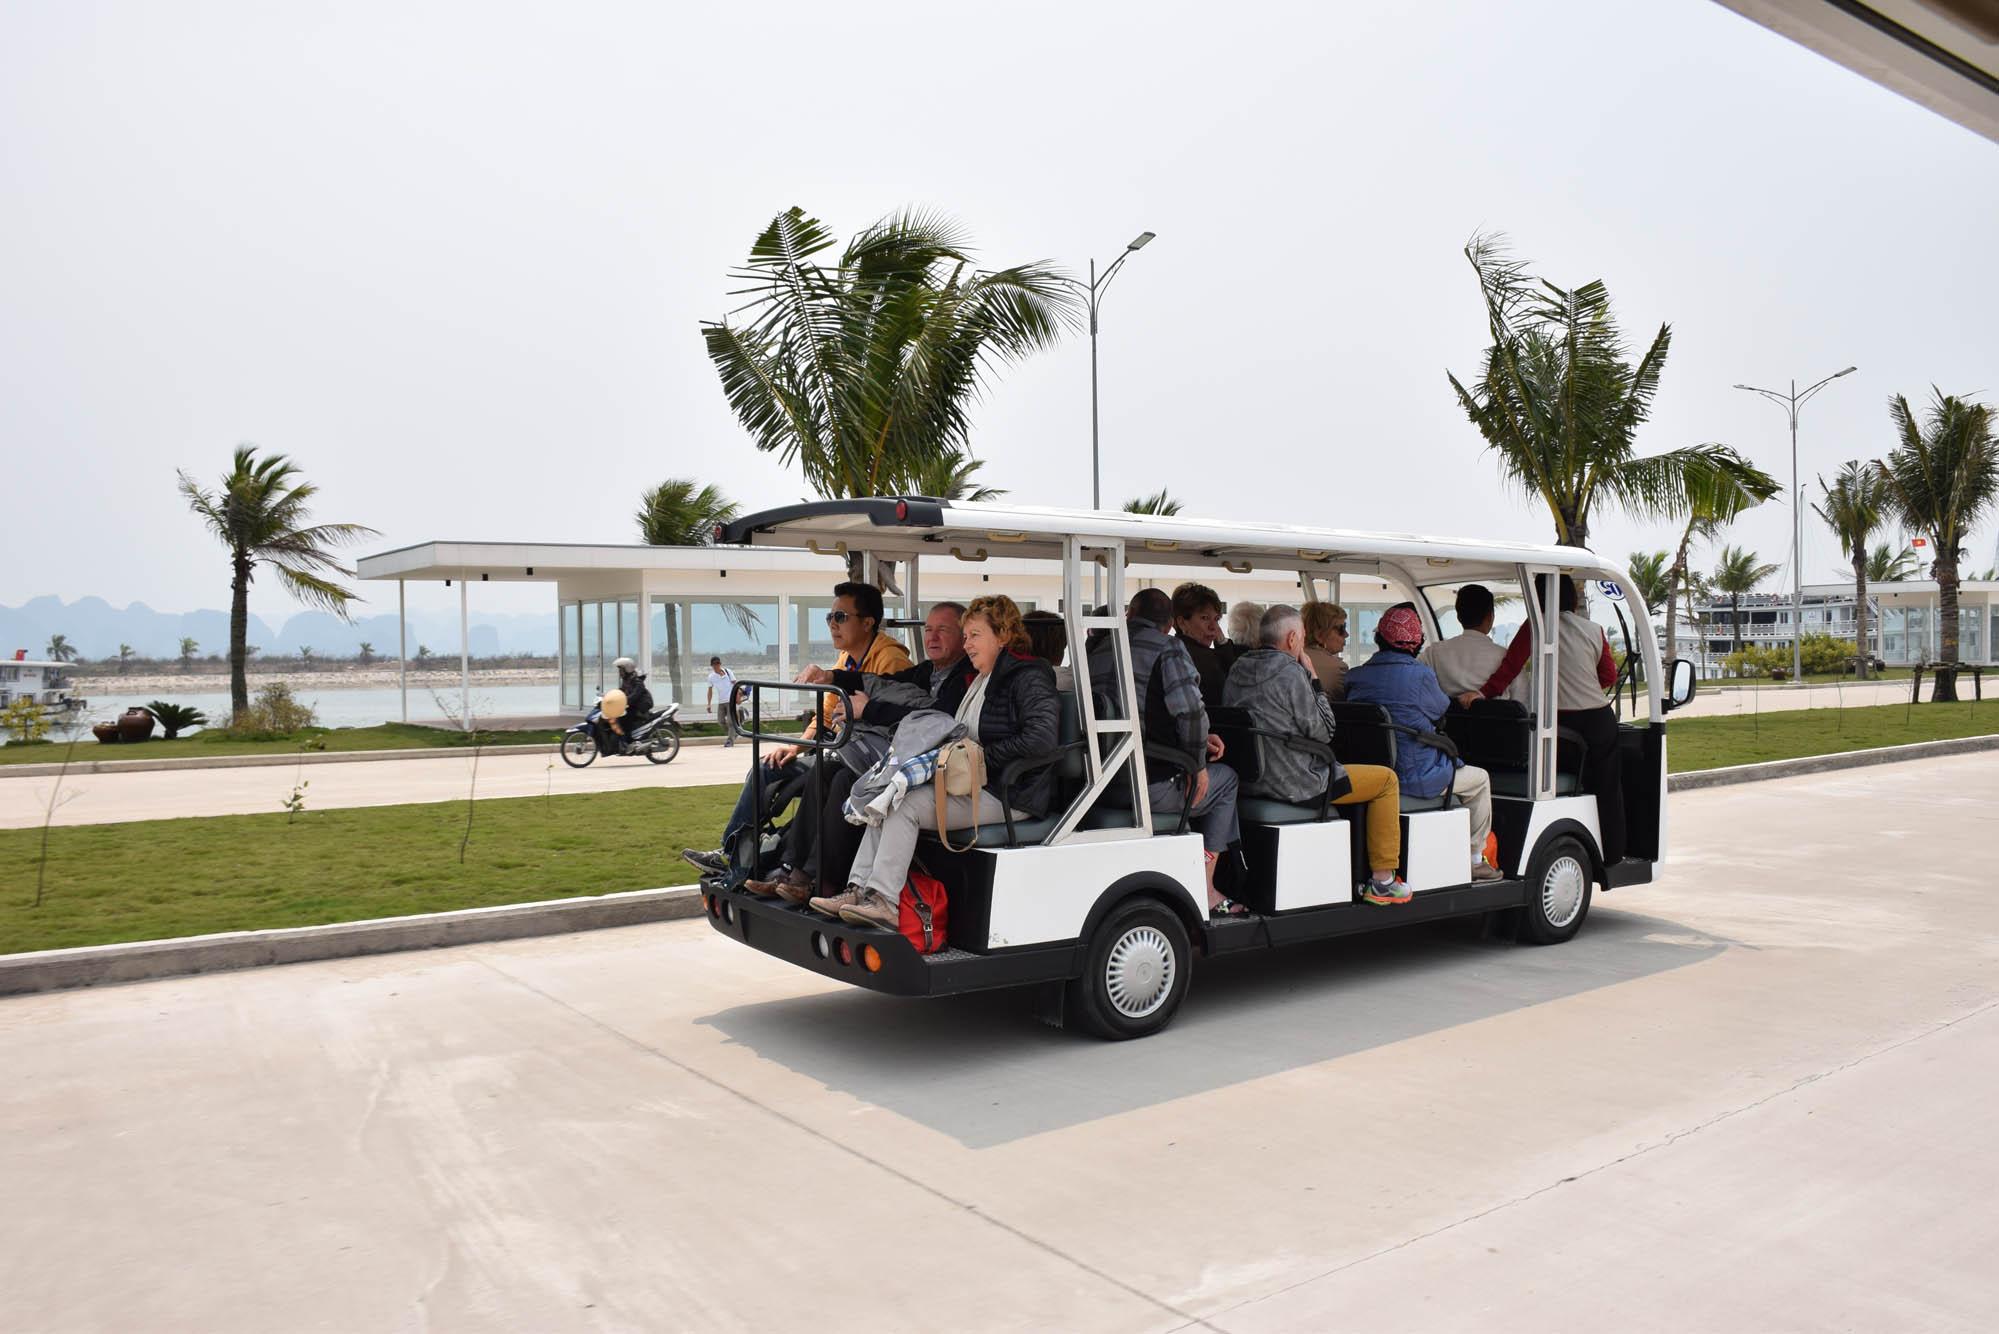 A caminho do barco para começar a experiência no Paradise Luxury Cruise, em Halong Bay